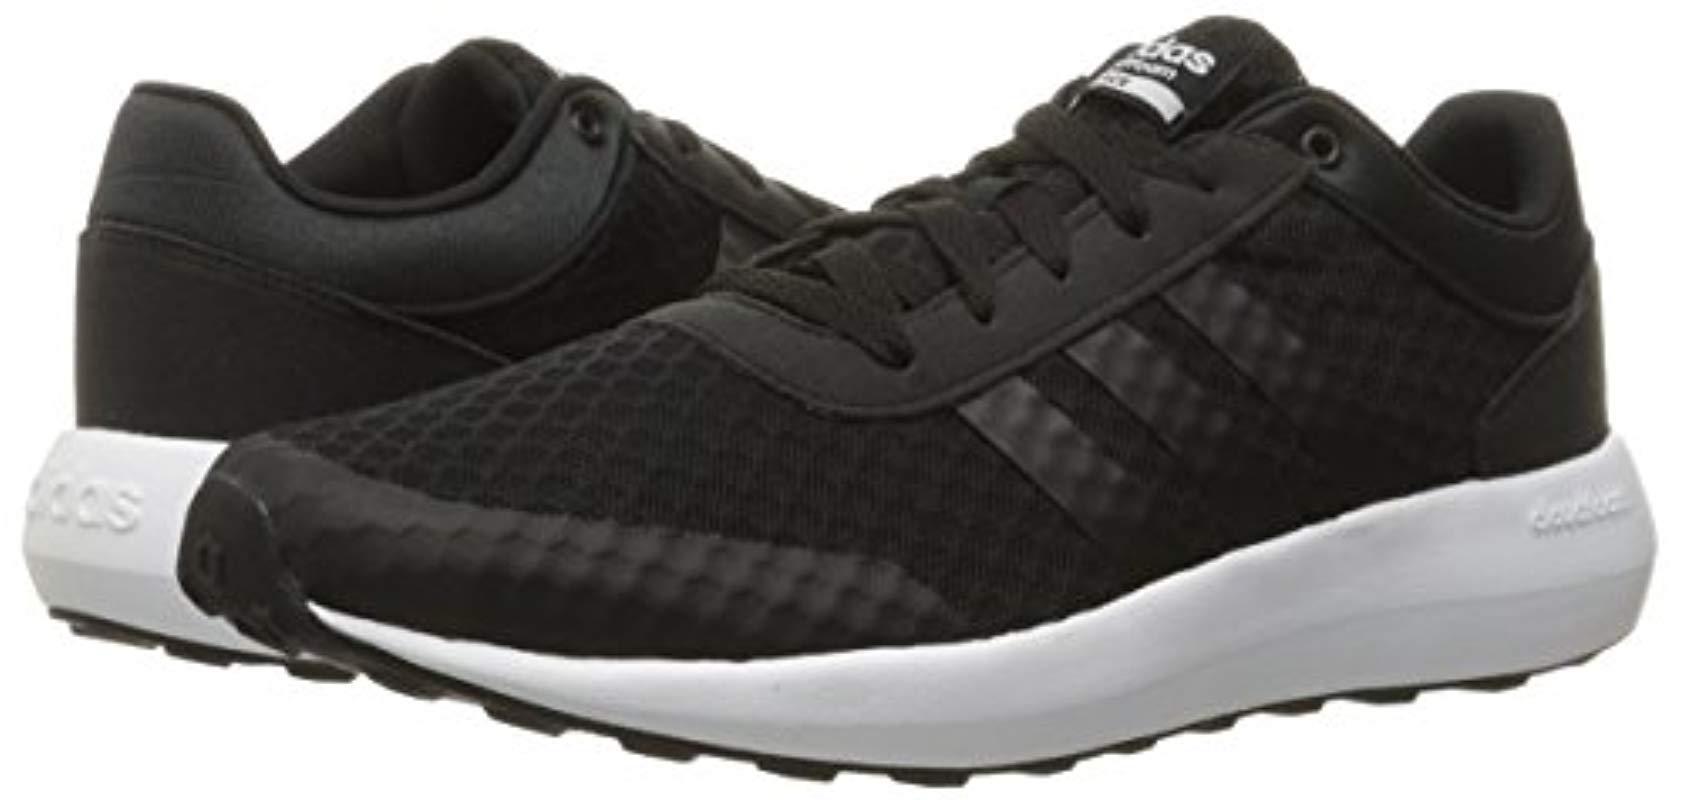 Neo Cloudfoam Race Running Shoe